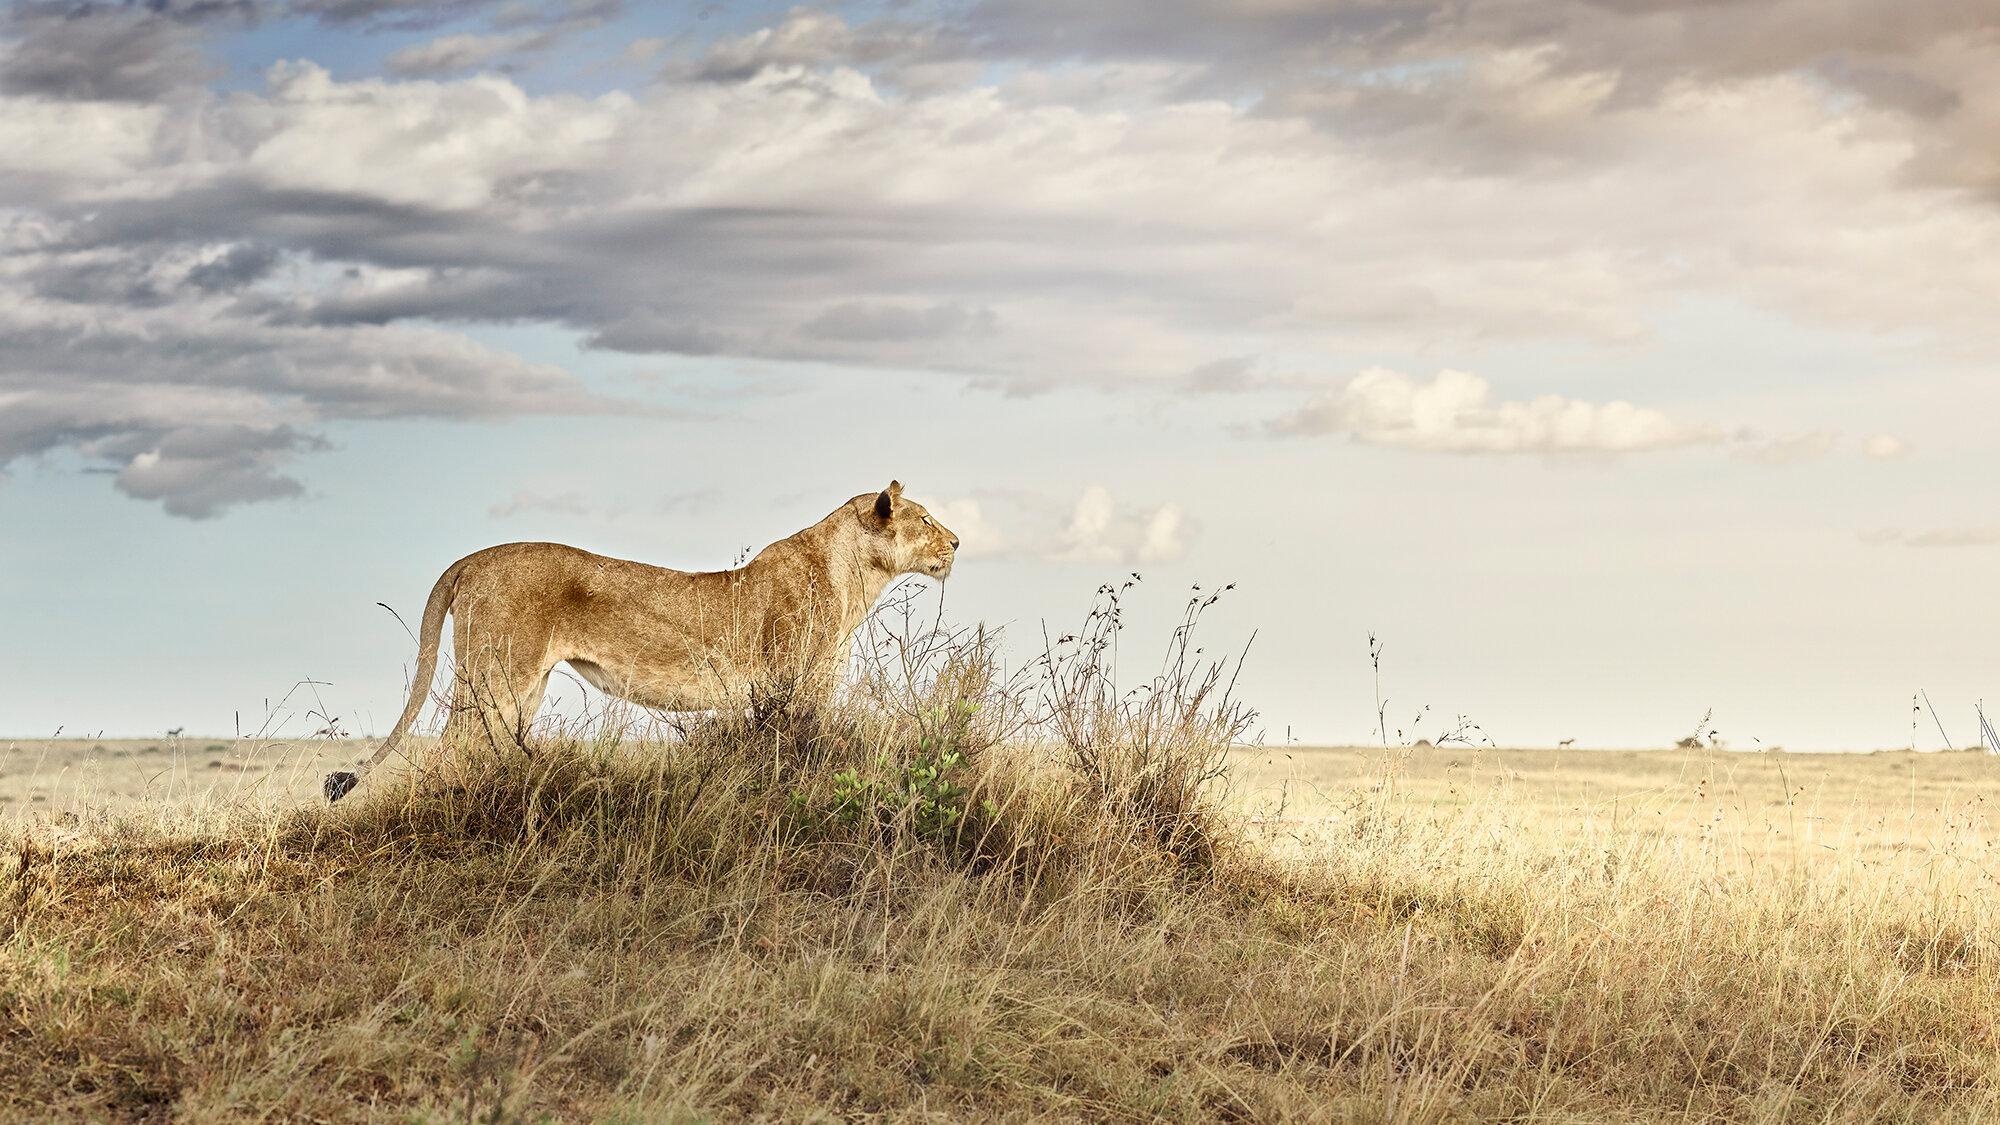 Lioness in Repose, Maasai Mara, Kenya 2019.jpg